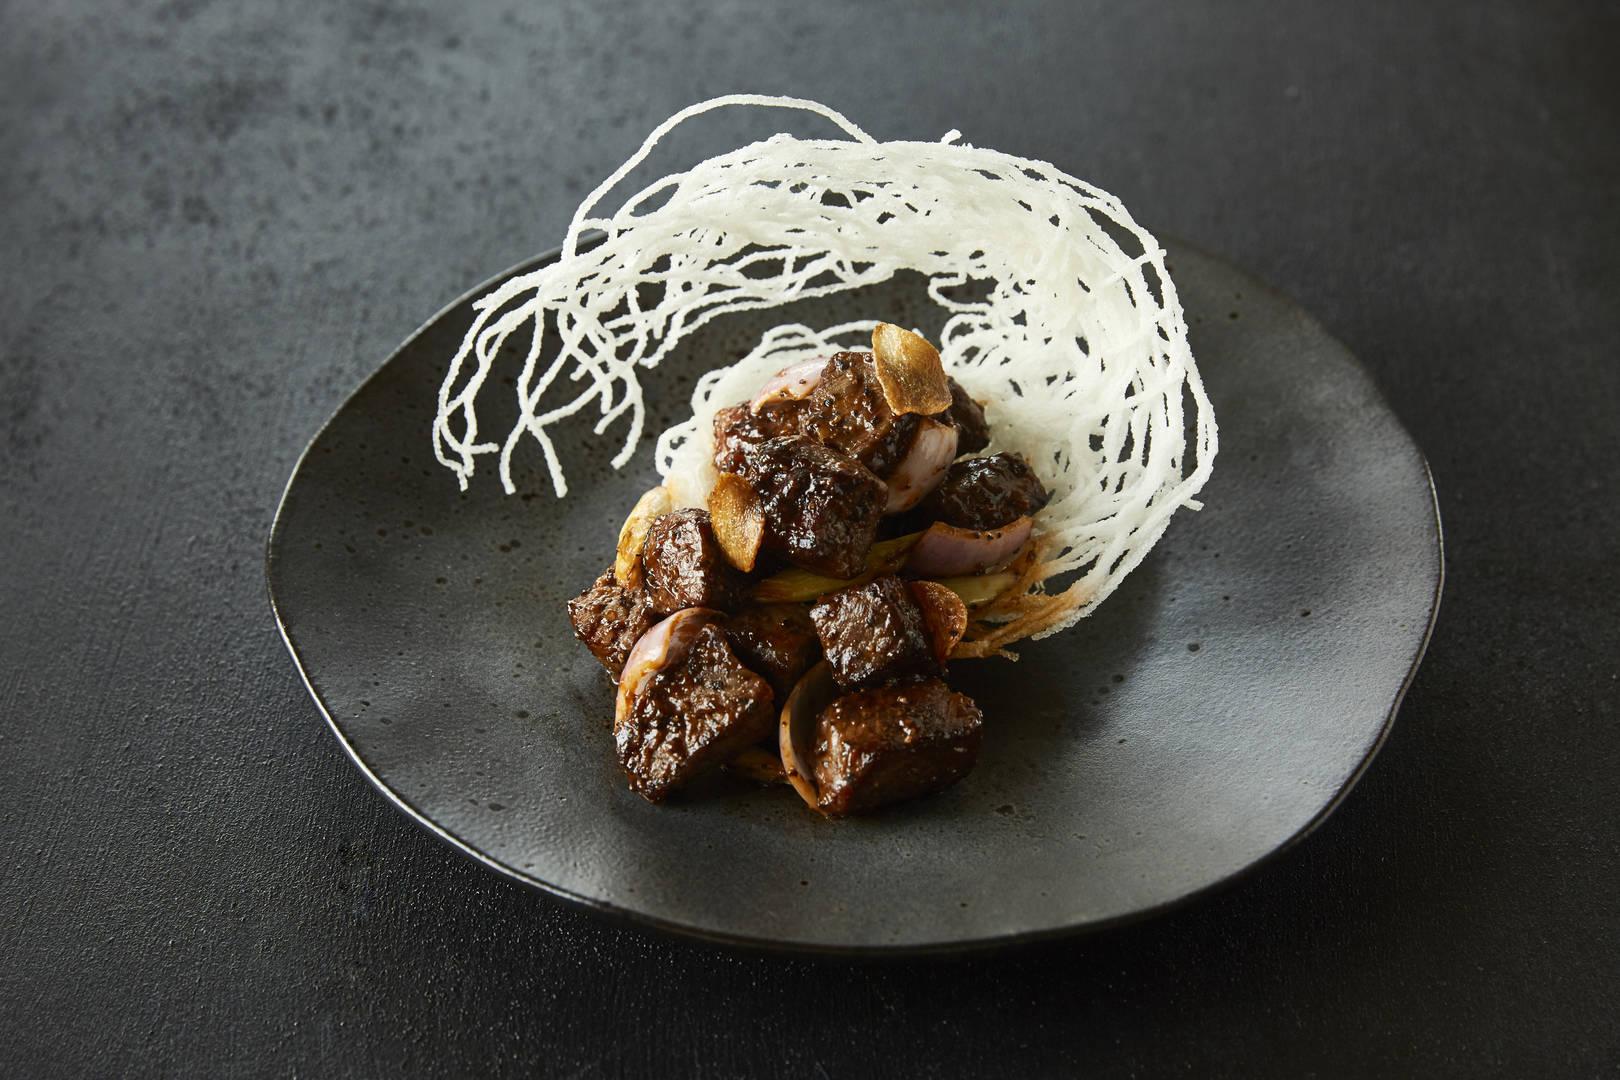 https://cdn.jumeirah.com/-/mediadh/DH/Hospitality/Jumeirah/Restaurants/Dubai/Mina-A-Salam-Zheng-Hes/Restaurant-Gallery/Jumeirah-Mina-ASalam--Zheng-Hes--Black-Pepper-Beef--Landscape.jpg?h=1080&w=1620&hash=696567F7F99D70A469422D27DCE254B9